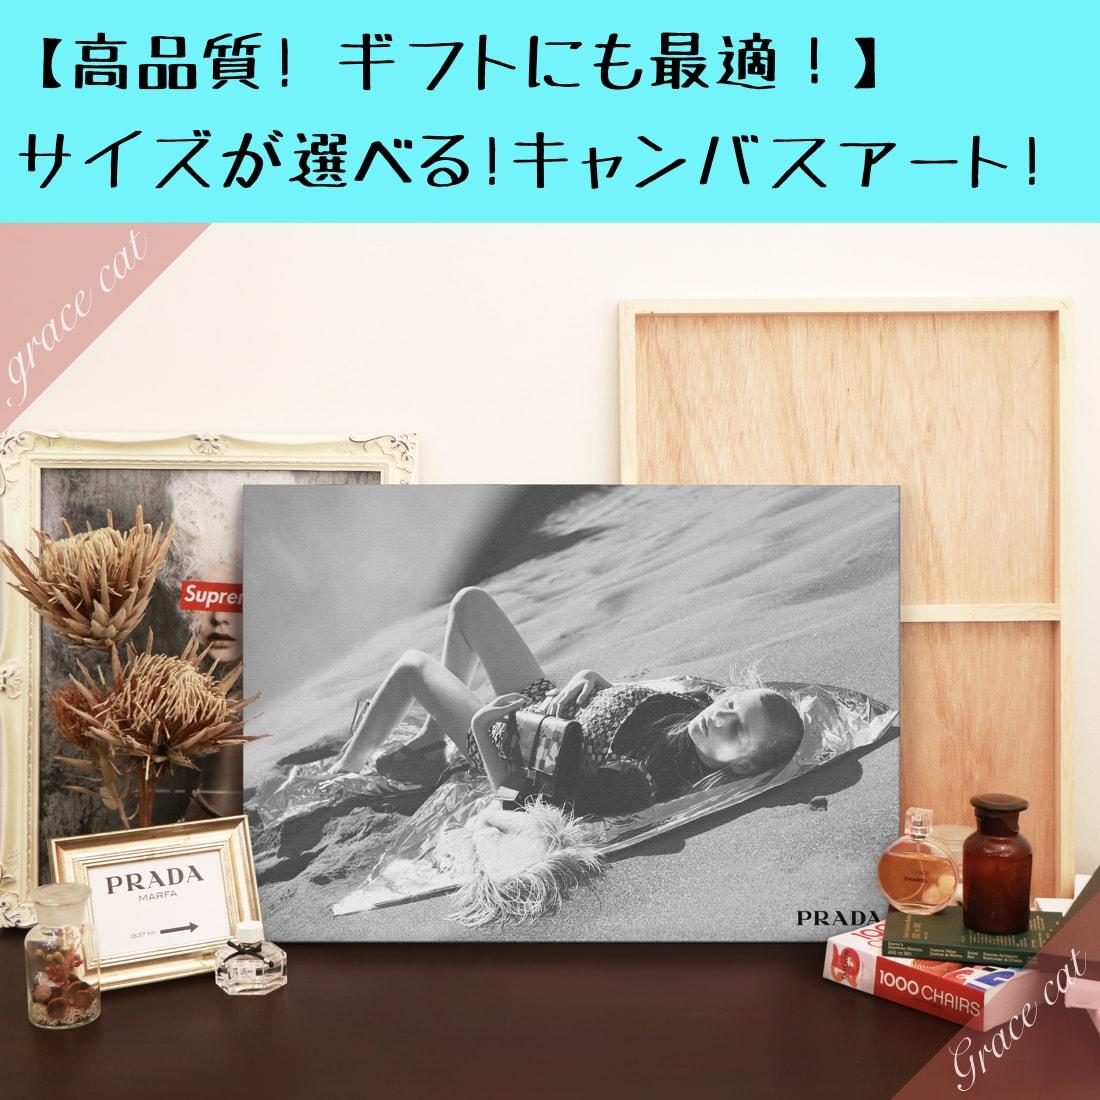 【 Grace cat Art 】サイズが選べるキャンバスパネル アート 絵画 / アートパネル / アートポスター / グラフィック アート / インテリア アート / パロディアート / ギフト 【 オマージュモチーフ:PRADA / プラダ 】